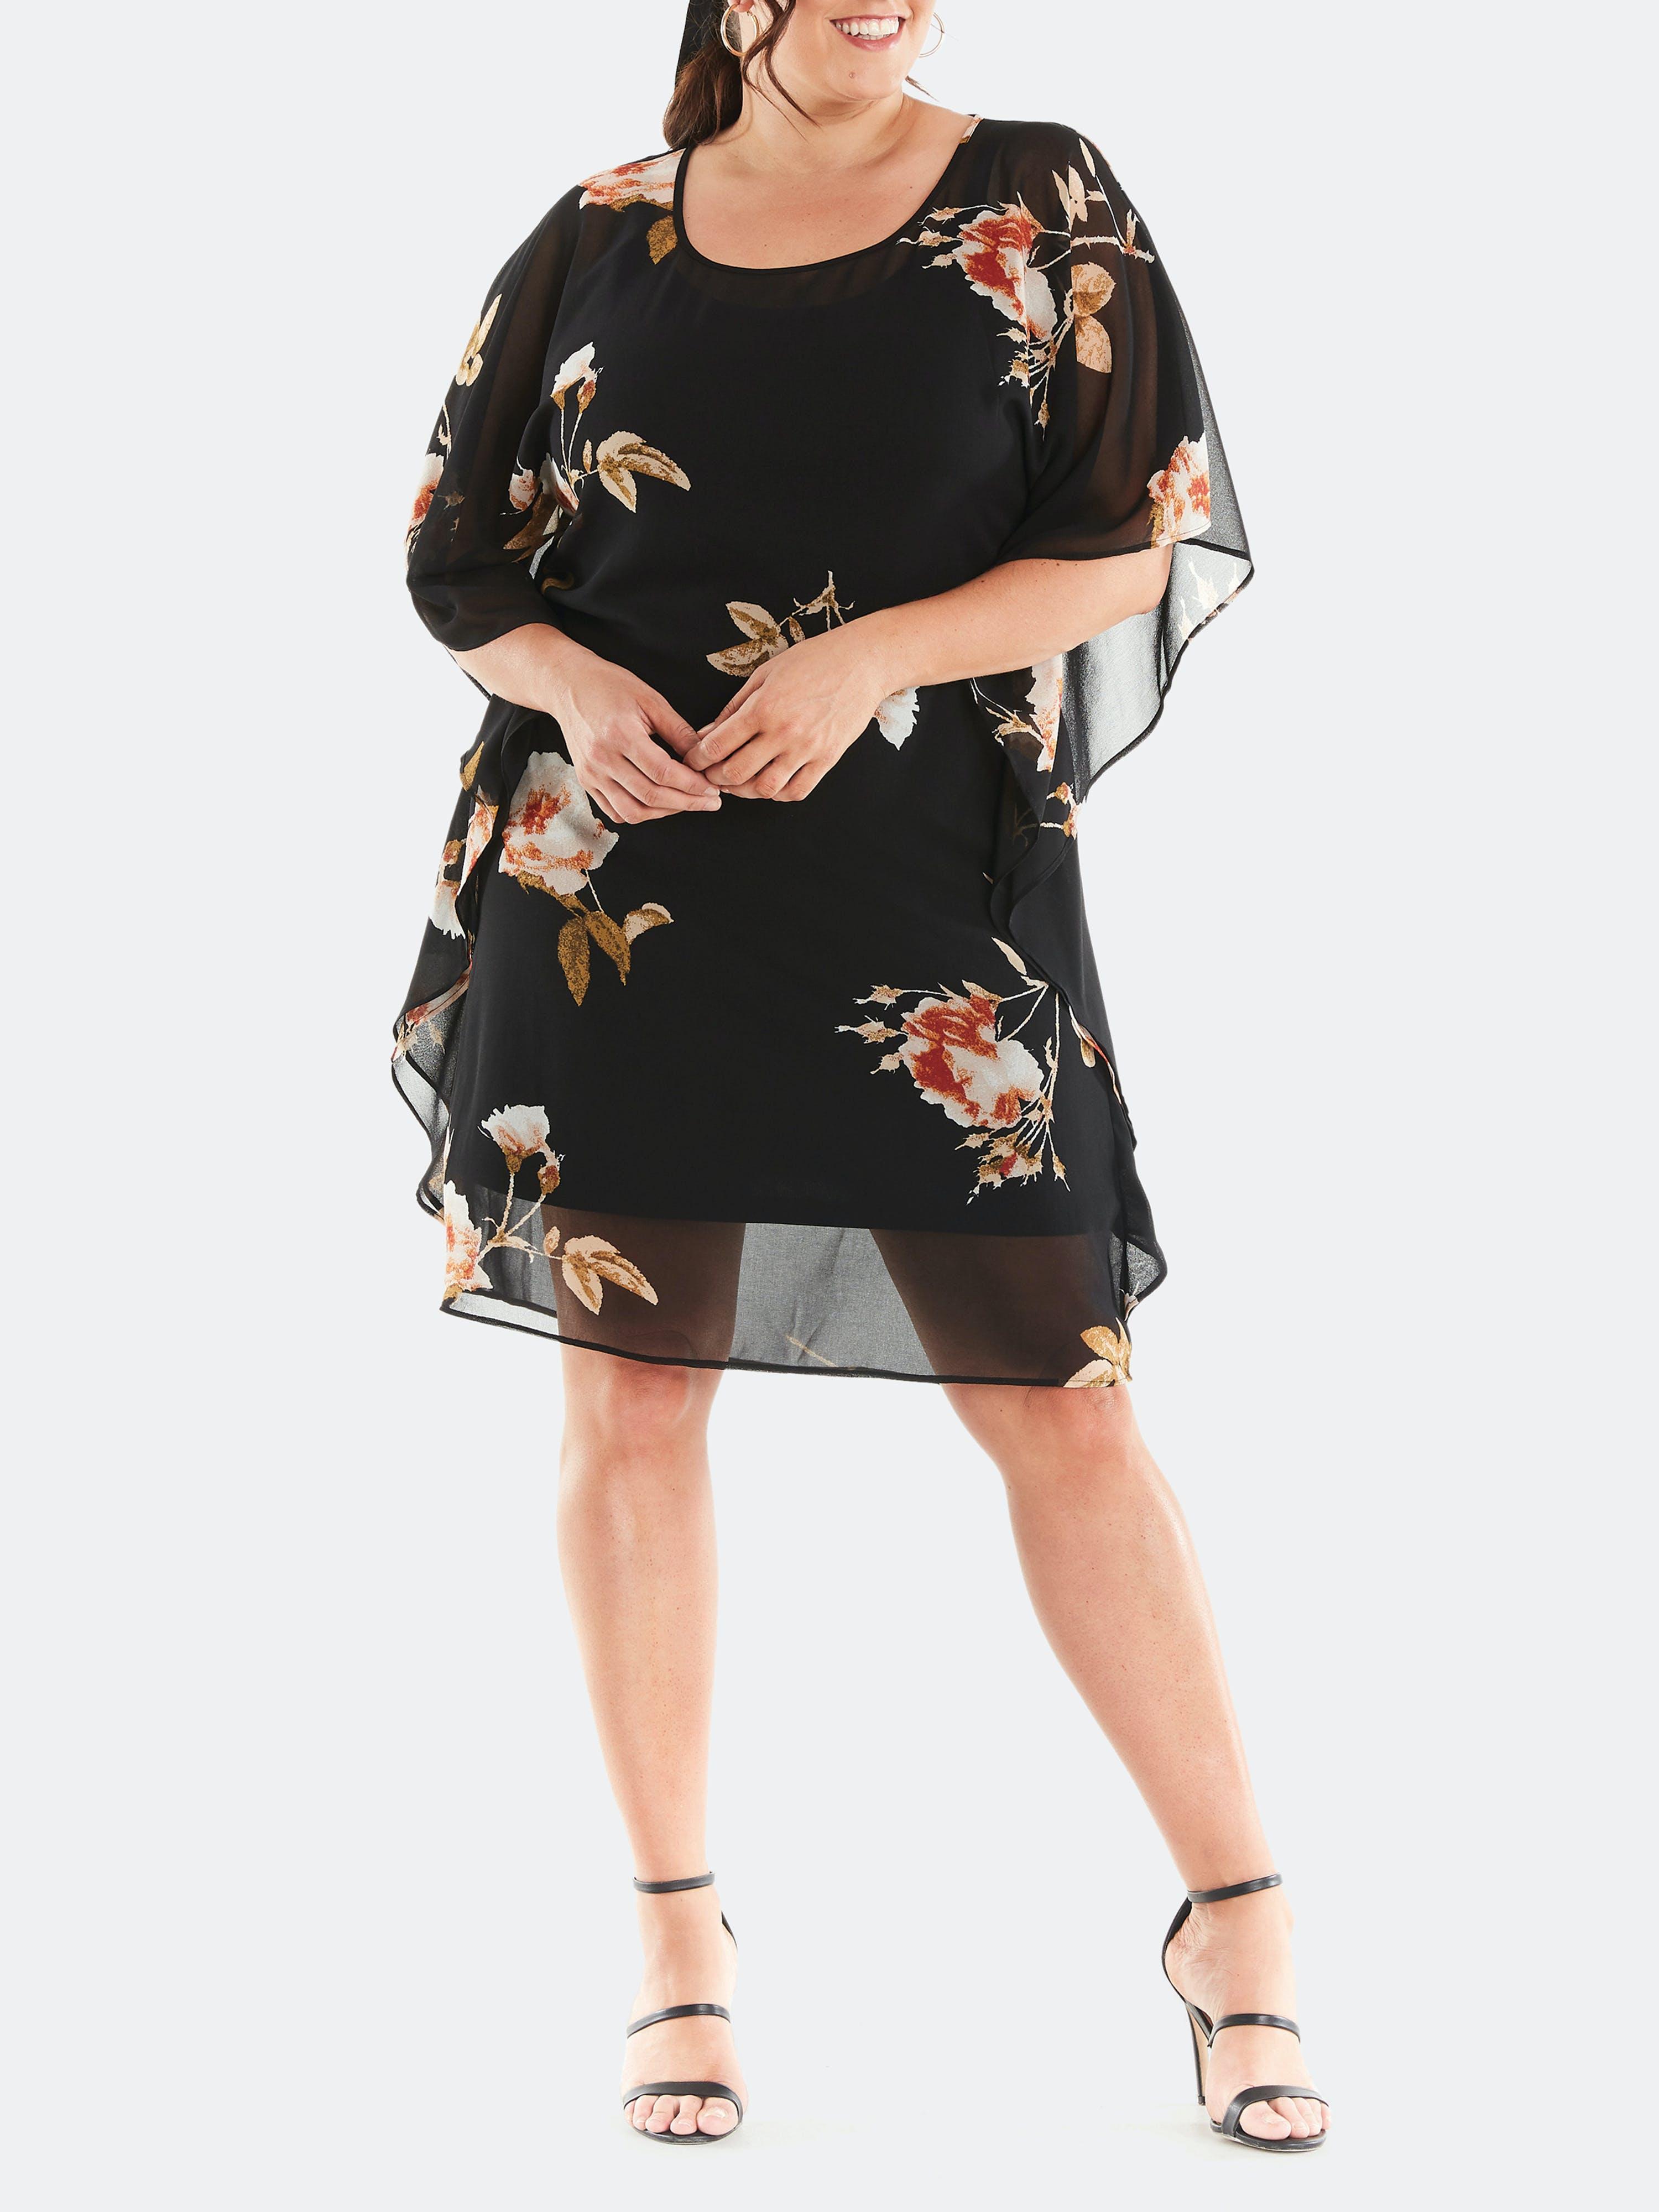 Estelle - Verified Partner Rose Garden Dress - 4X - Also in: 2X, 3X, 1X  - Black